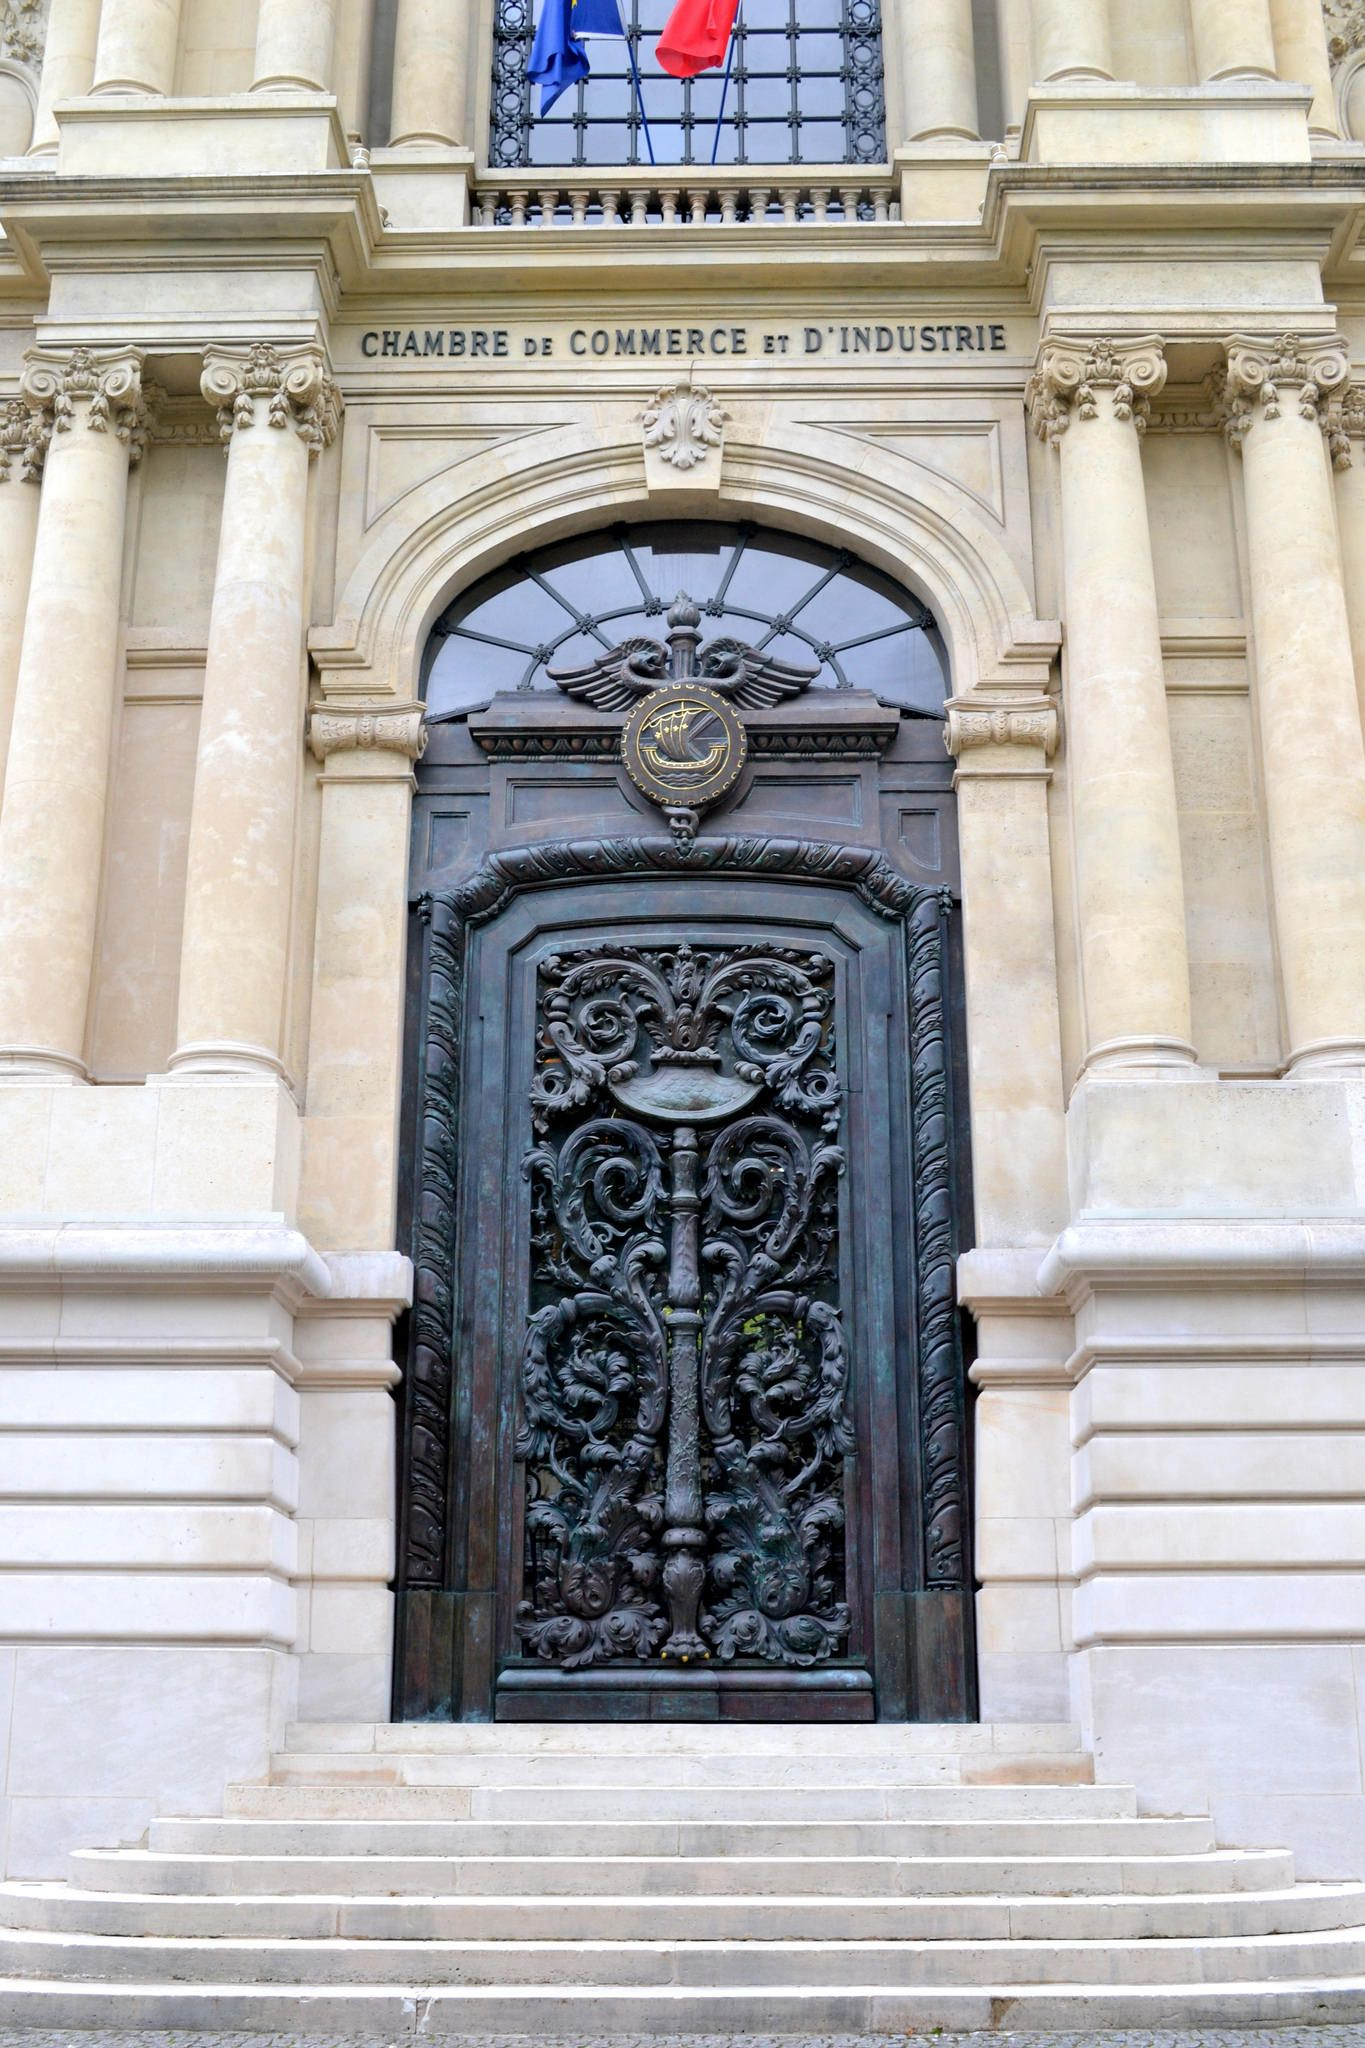 L 39 h tel potocki class monument historique aujourd 39 hui for Chambre commerce industrie paris